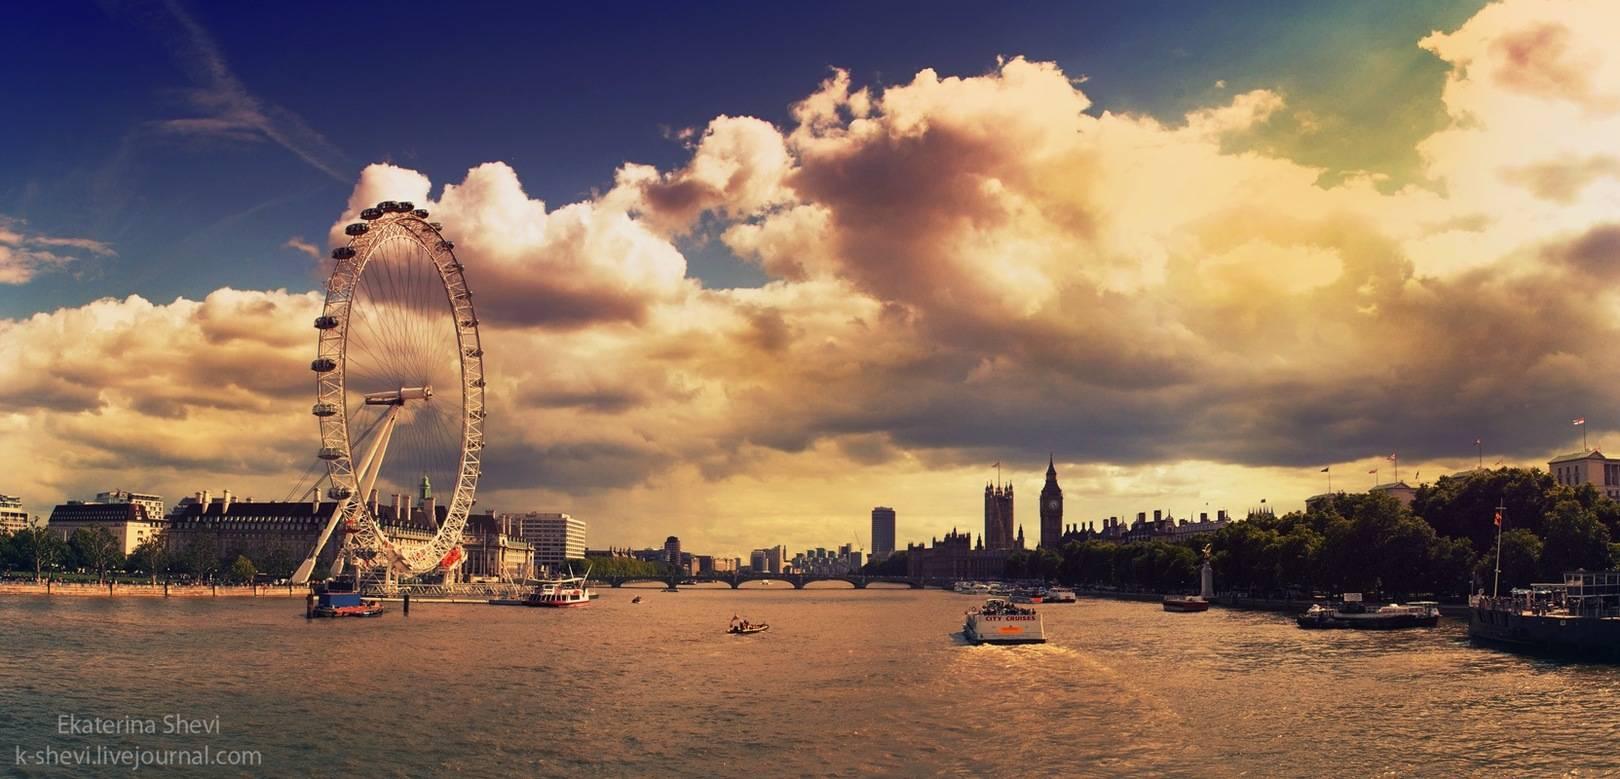 Панорамы из Москвы, Лондона, Стамбула и т.д.